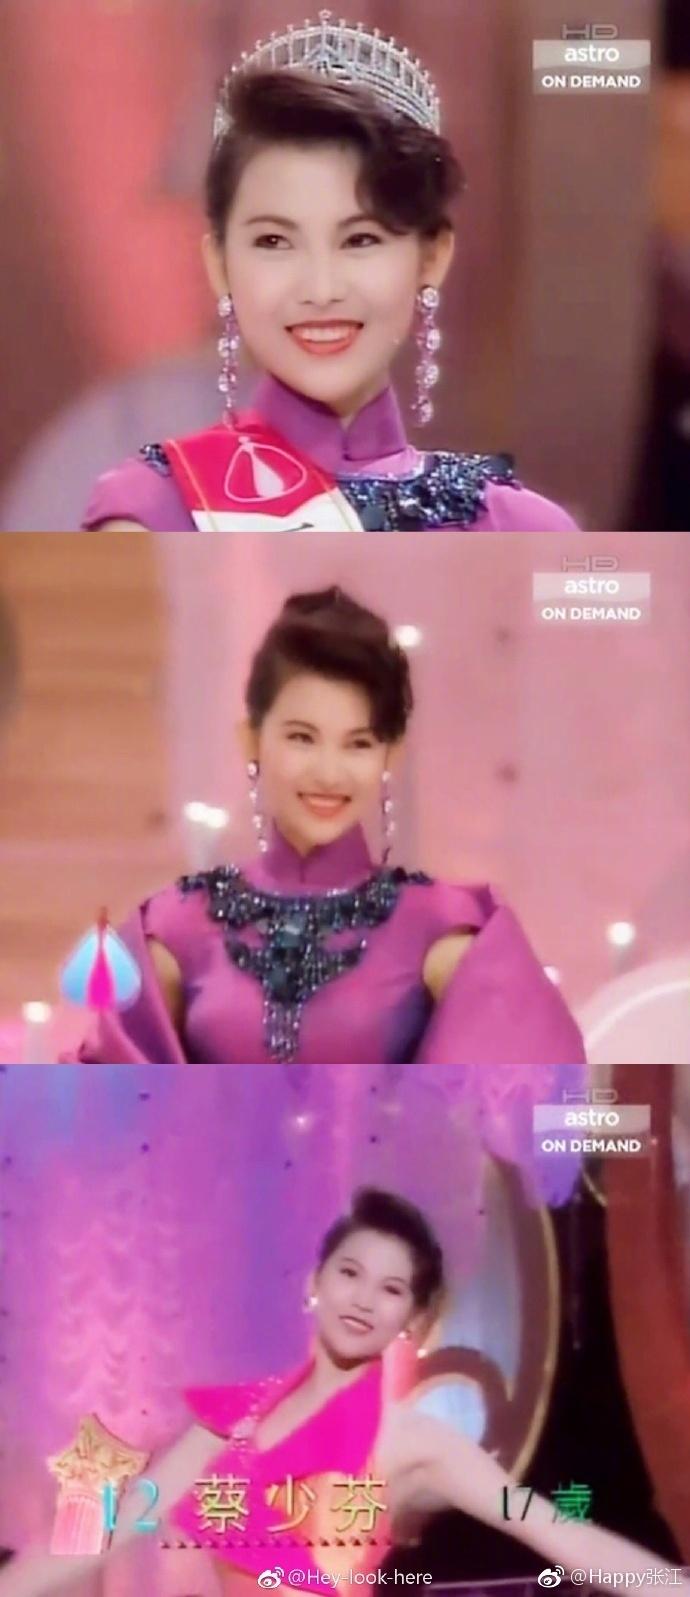 台湾明星男明星叶玉卿香港十大艳星之一90年代的性感女神